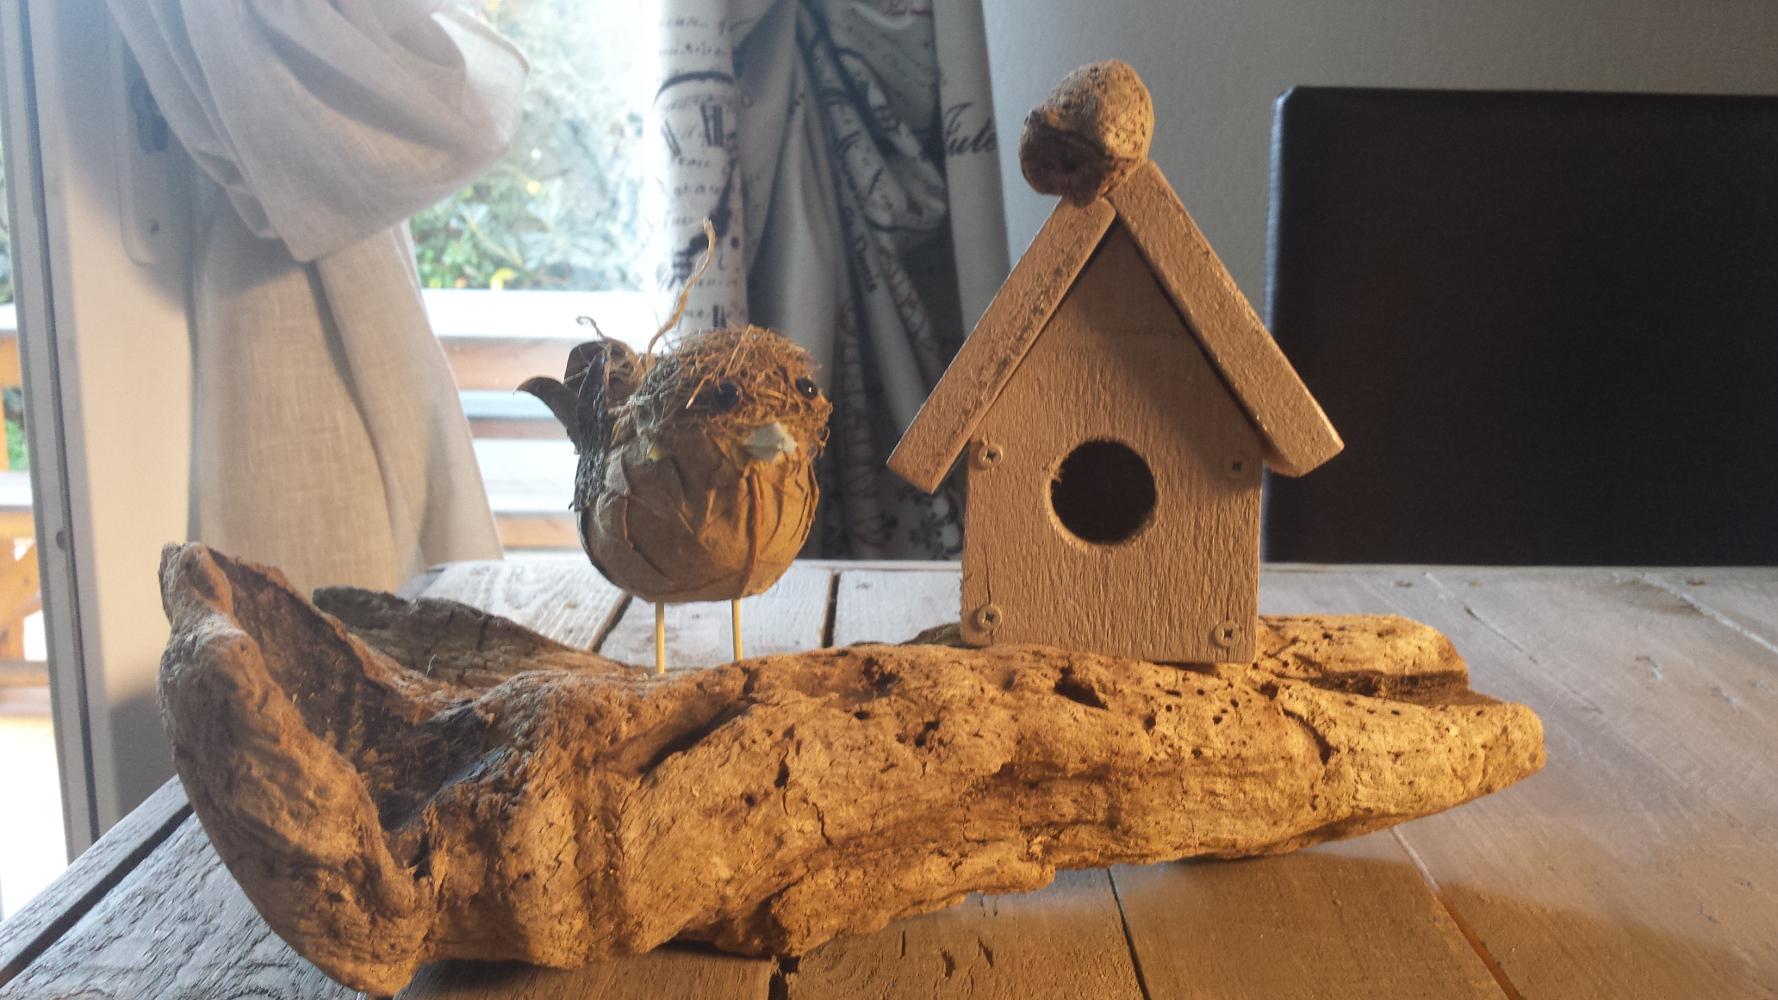 cabane oiseau d coration en palettes et d coration bois. Black Bedroom Furniture Sets. Home Design Ideas